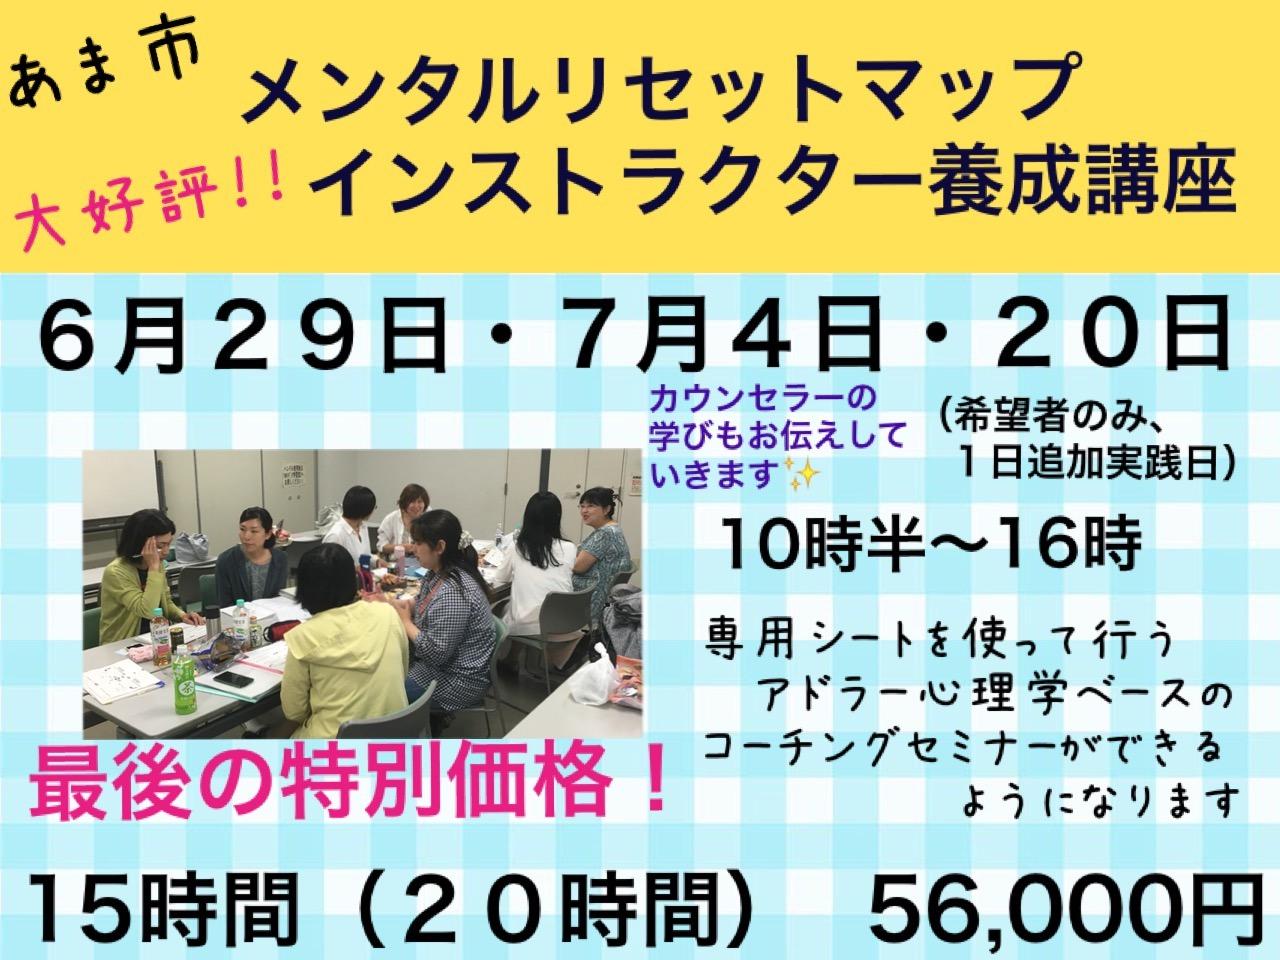 メンタルリセットマップインストラクター養成講座☆6月29日・7月4日・7月20日(+希望者は追加1日)